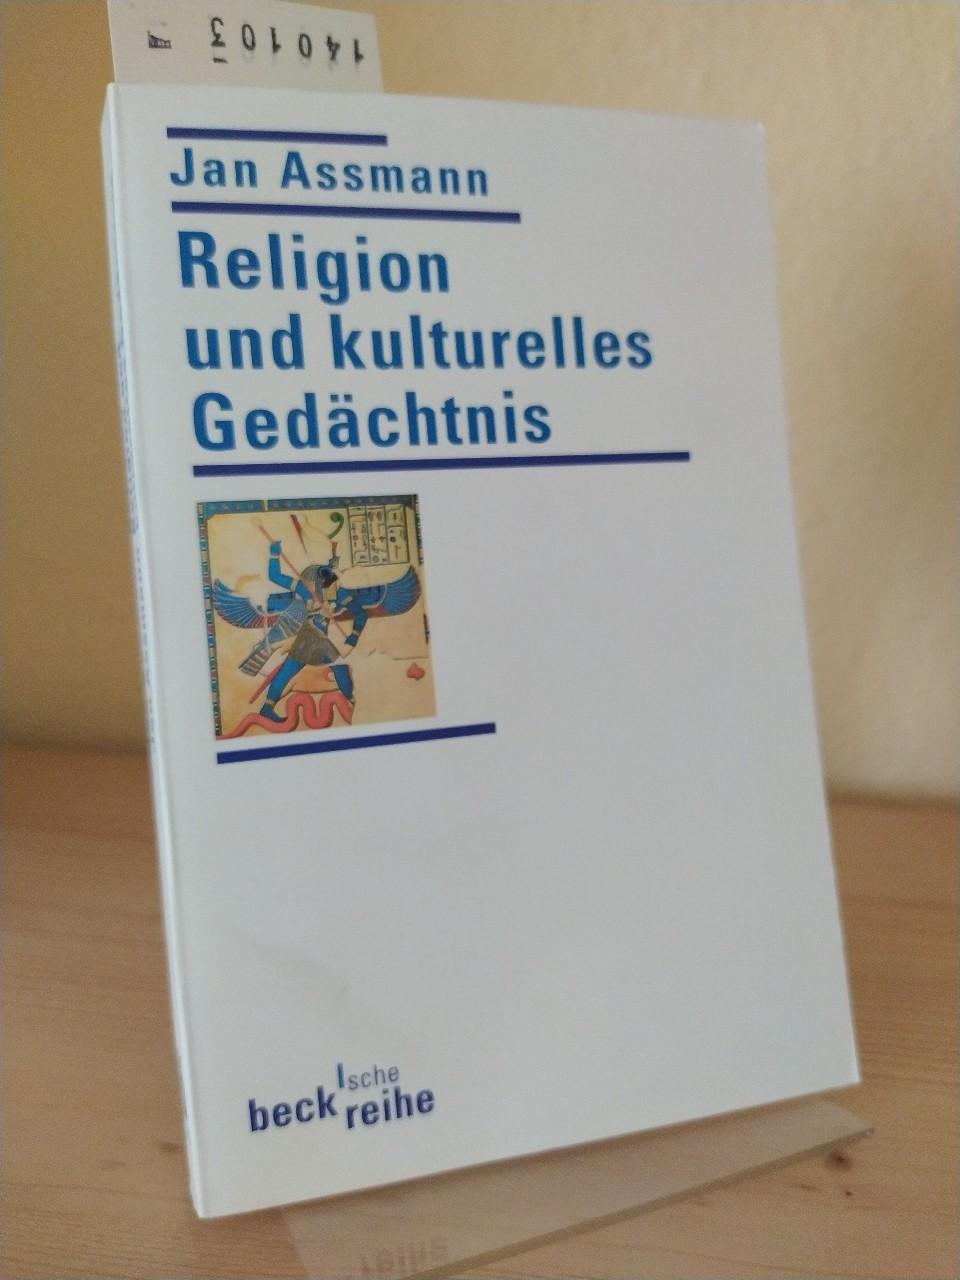 Assmann, Jan: Religion und kulturelles Gedächtnis. Zehn Studien. [Von Jan Assmann]. 3. Auflage.